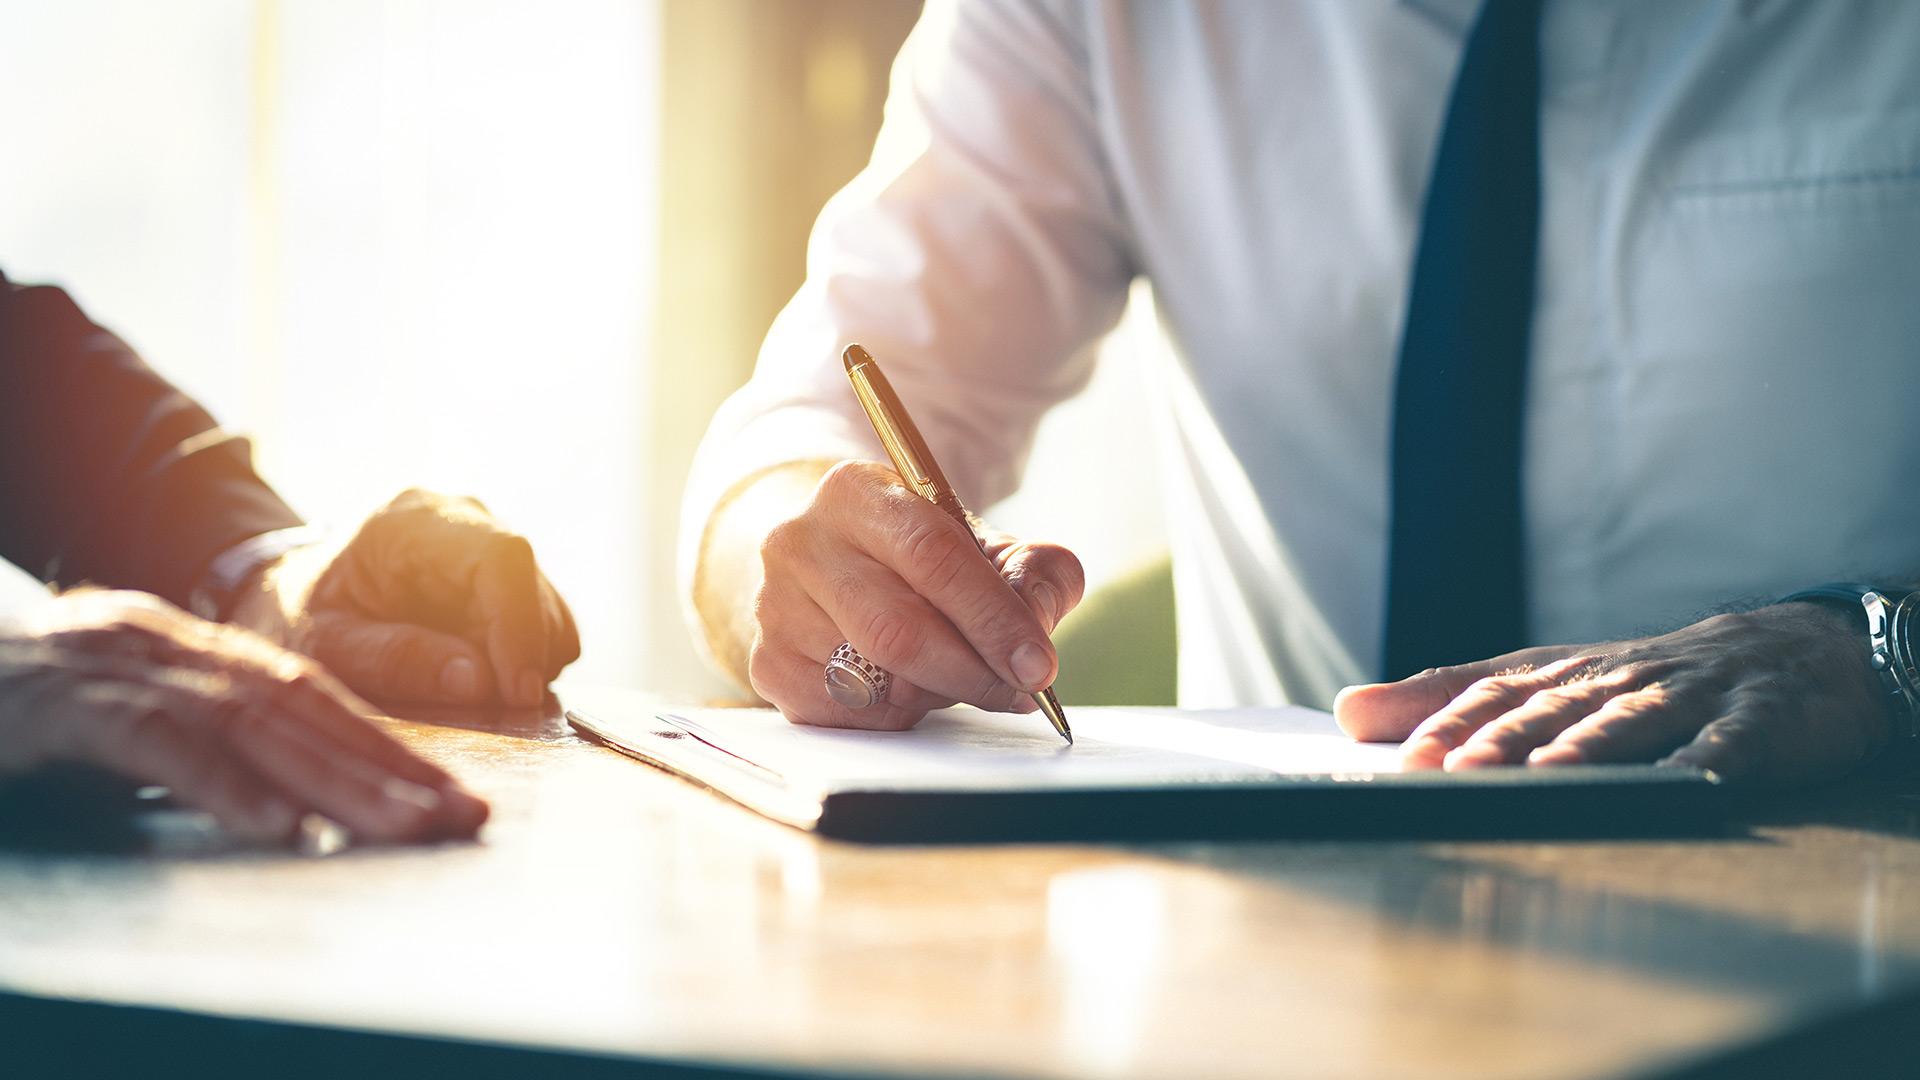 L'ACPR renouvelle l'habilitation d'Aprecialis pour labelliser les contrats de protection sociale complémentaire des agents territoriaux